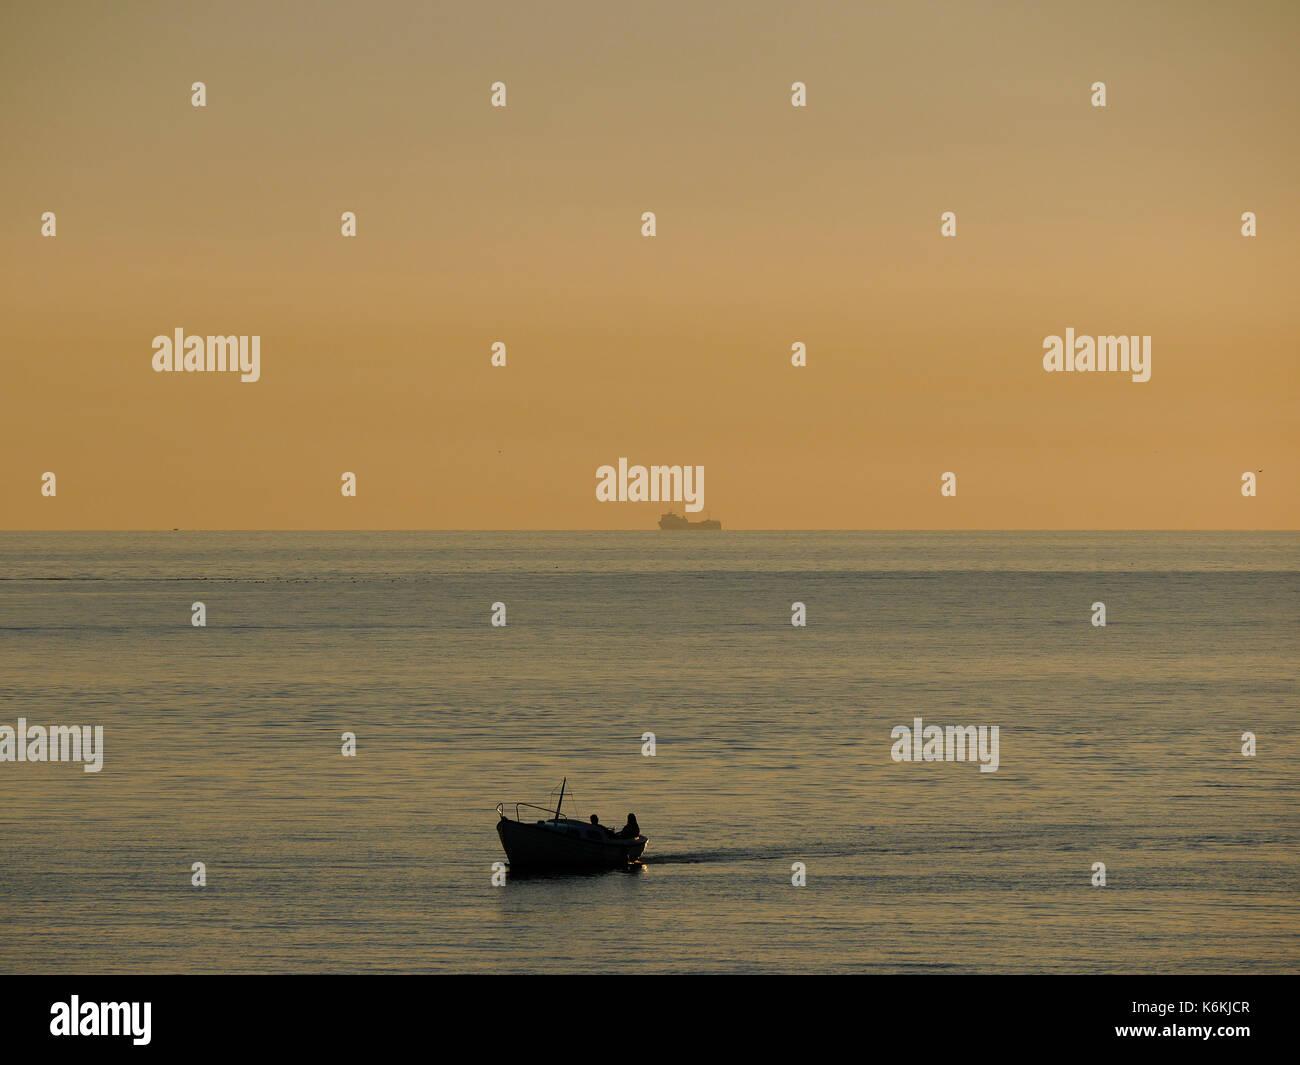 Coucher de soleil à Hönö, Klåva dans l'archipel de Göteborg. Bateau avec deux personnes en passant, navire de fret en arrière-plan. Banque D'Images